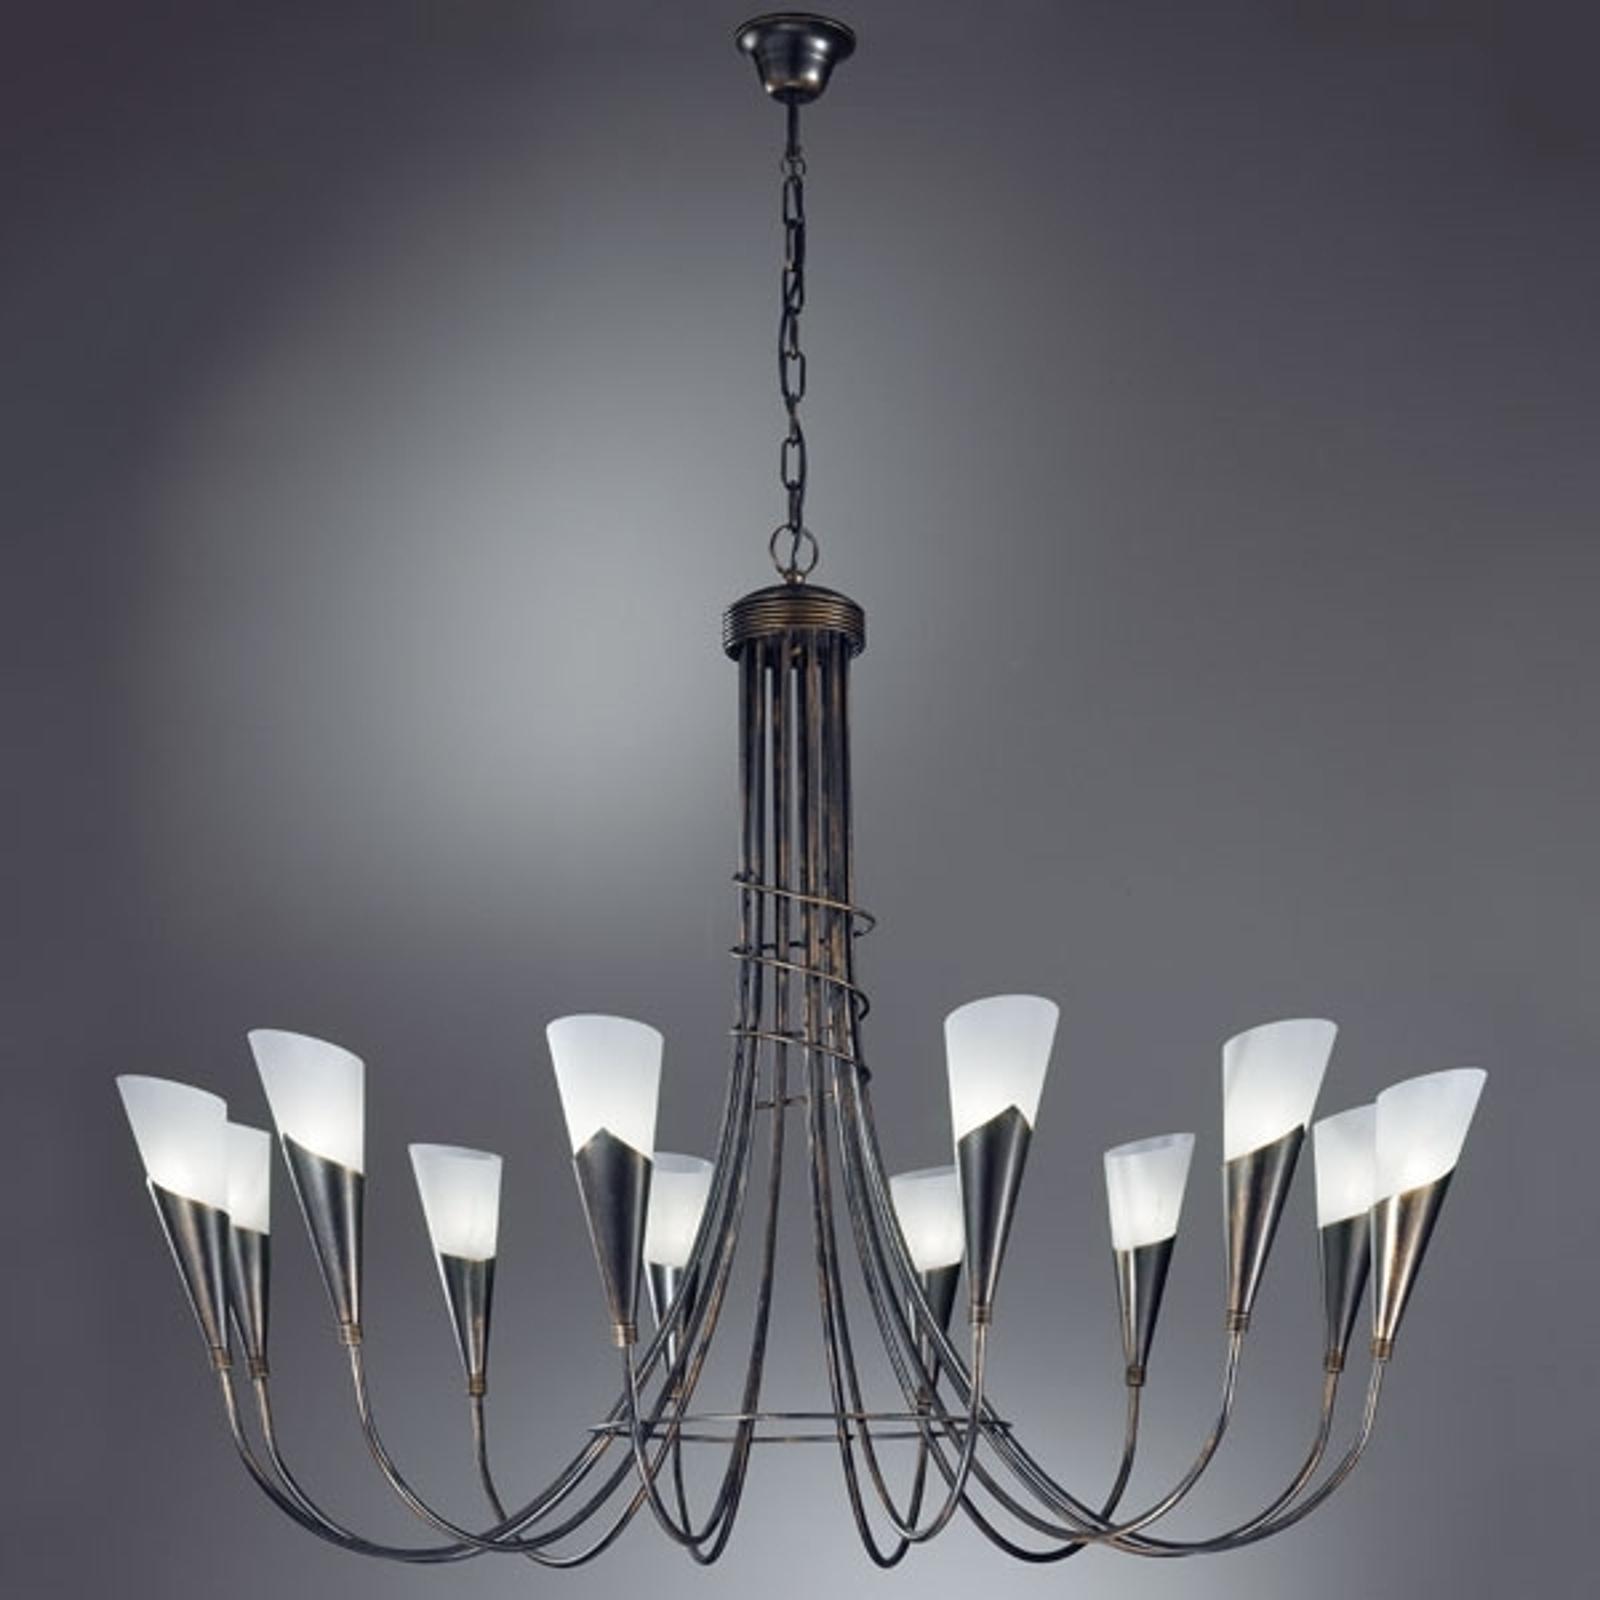 Kroonluchter CAMPAGNOLA, 12-lichts, zwart-koper